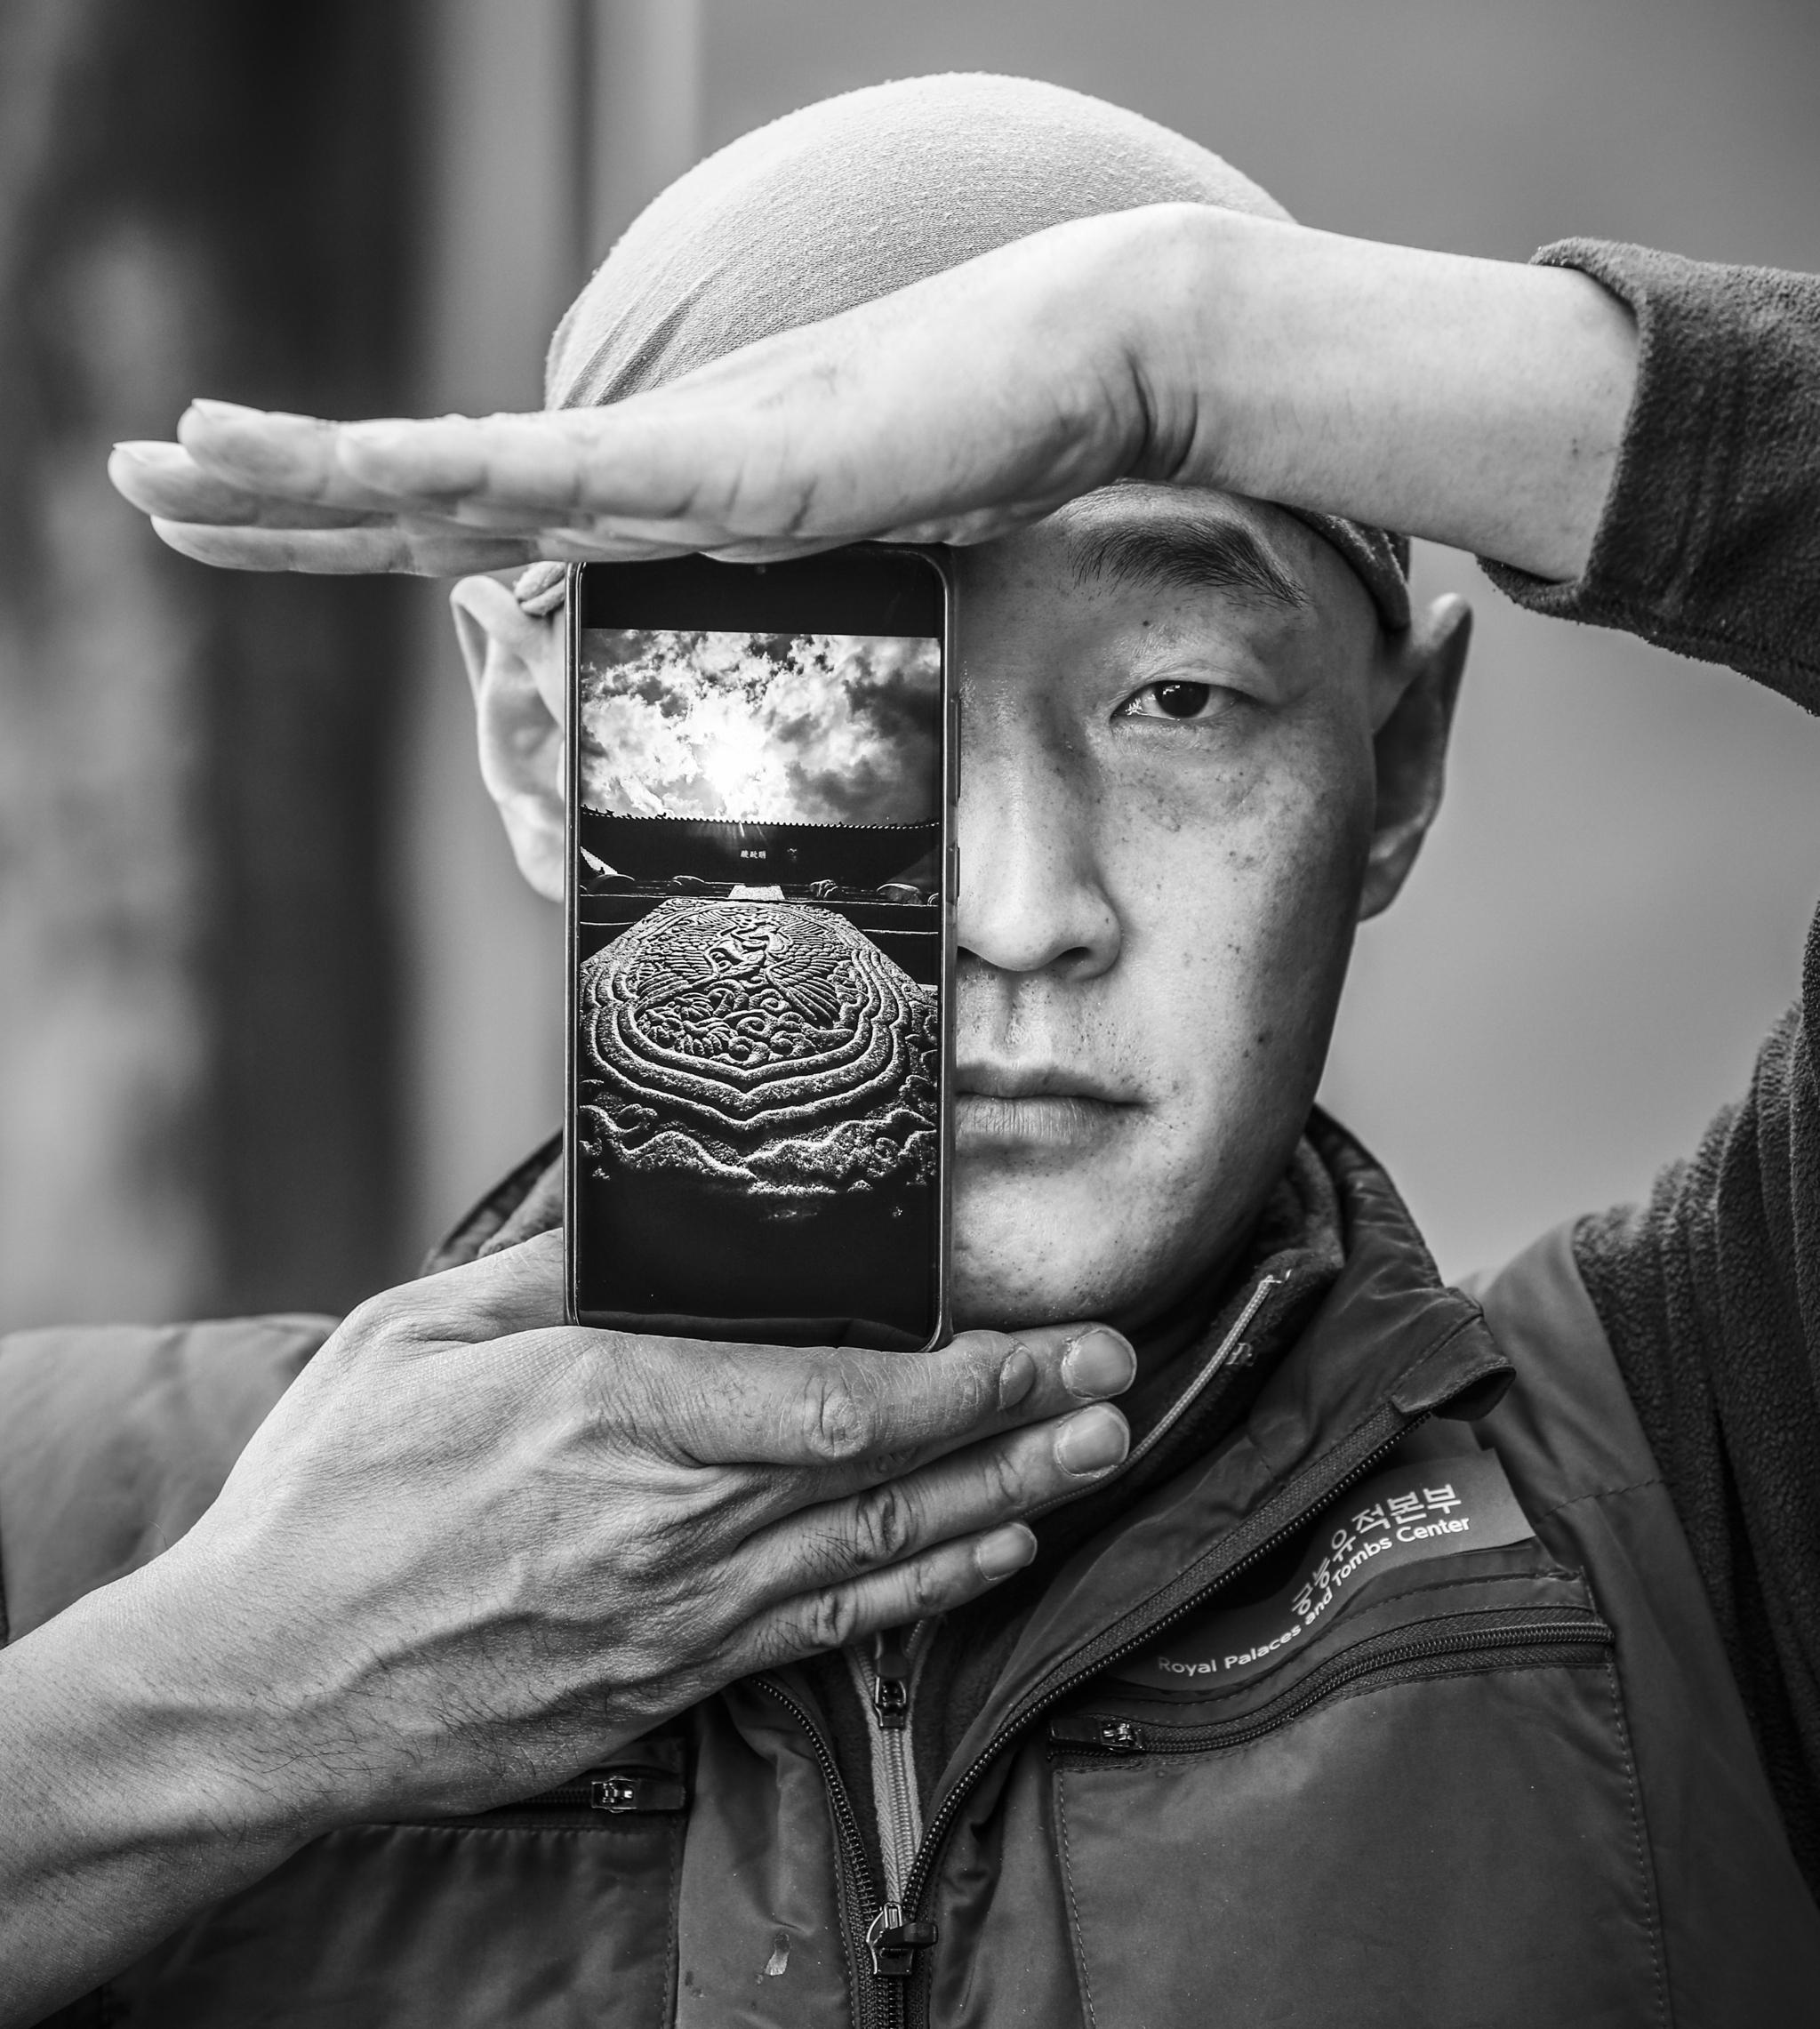 권혁재의 사람사진/ 정명식 대목수